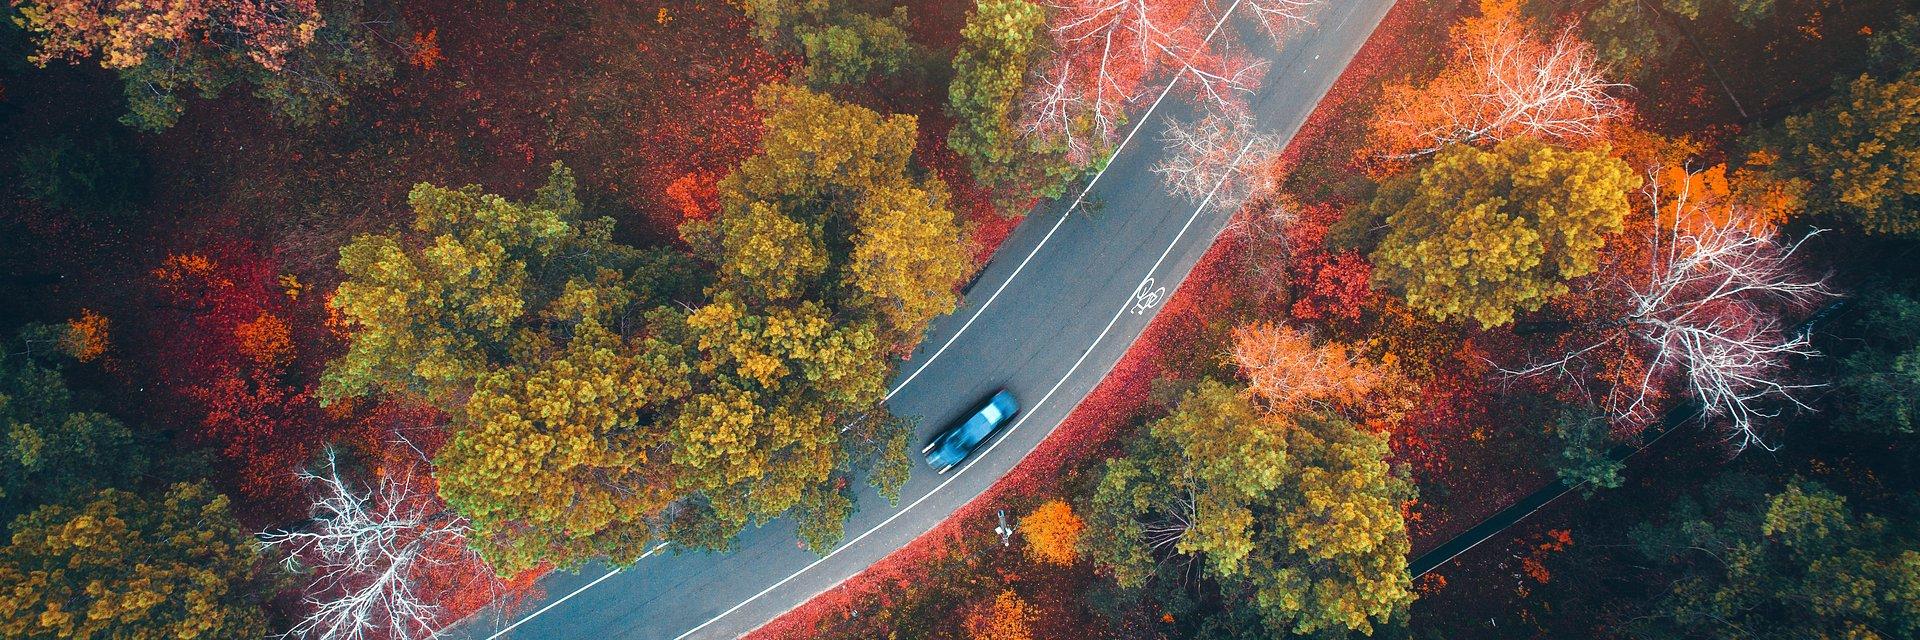 Wyjazdy na Wszystkich Świętych – na drogach więcej kontroli i wypadków